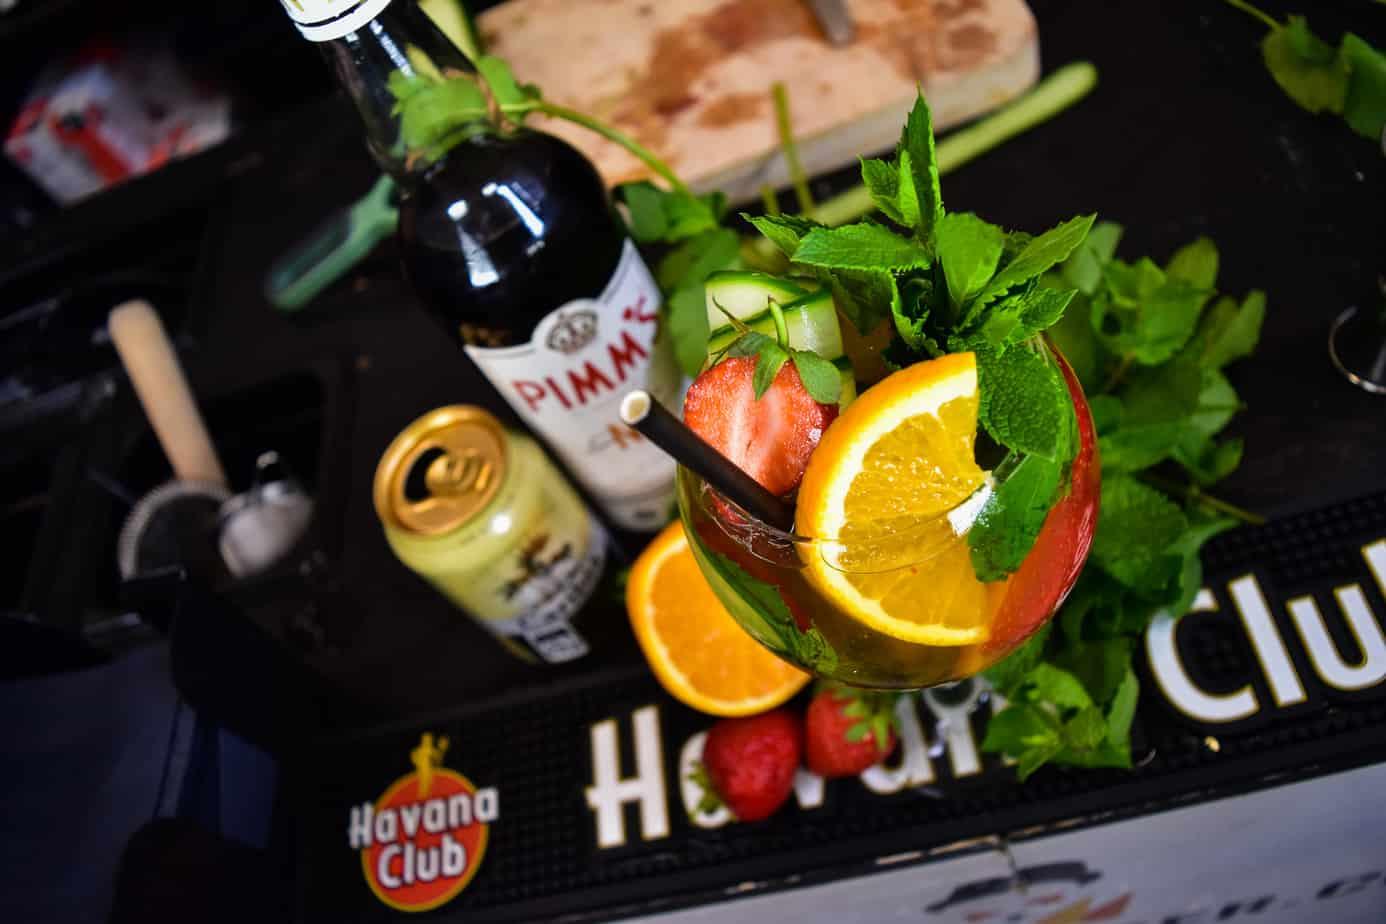 Den bedste velkomstdrink opskrift - bedste velkomst cocktail opskrift - Velkomstdrink til fest - Pimms Cup opskrift